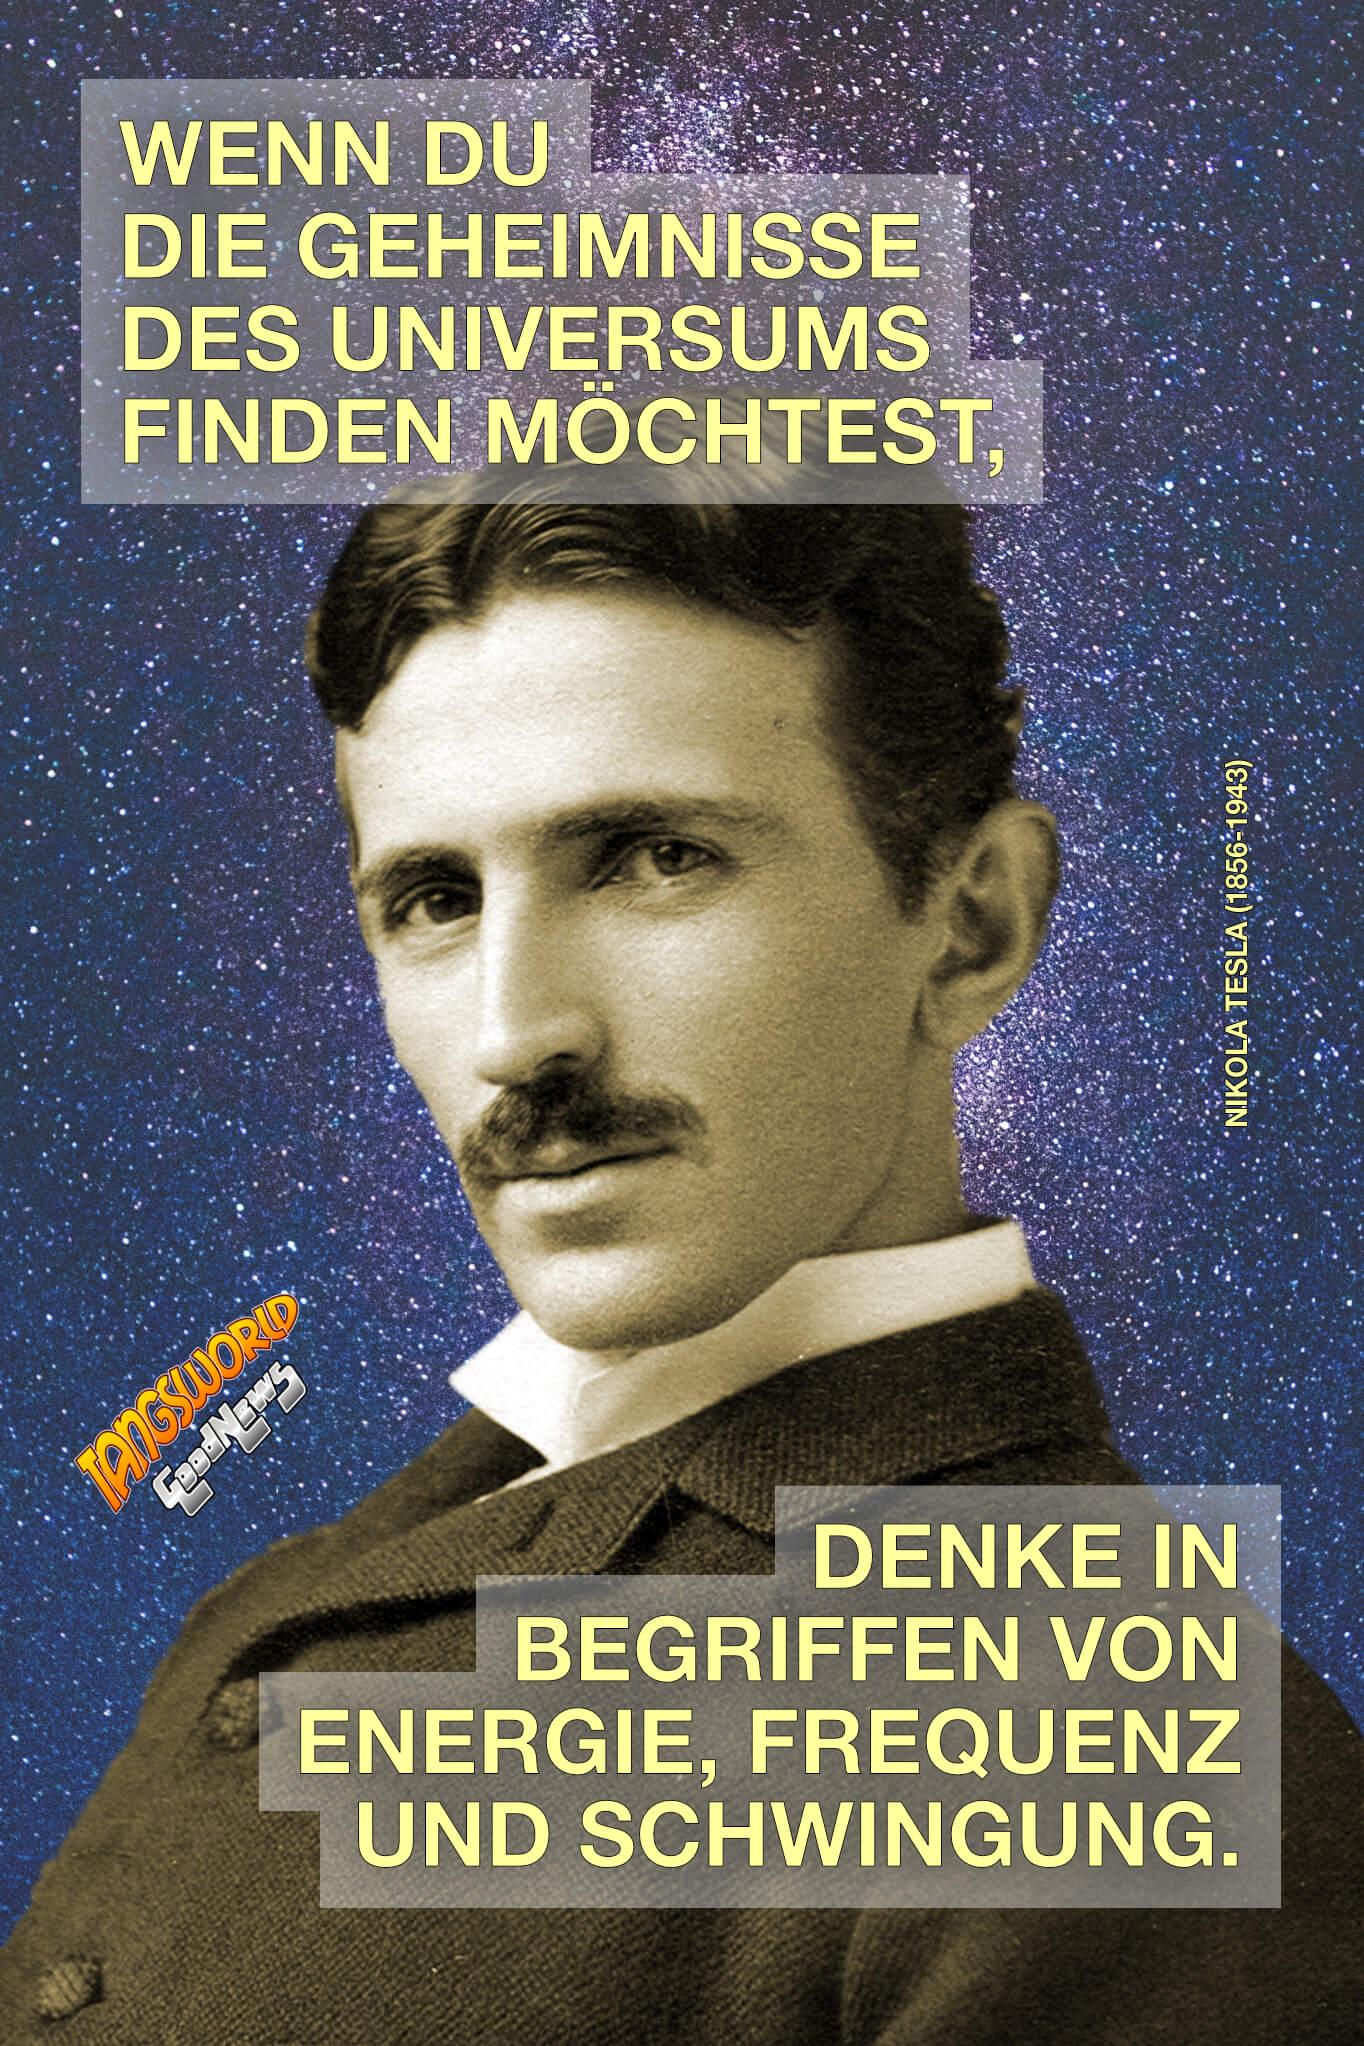 Wenn du die Geheimnisse des Universums finden möchtest, denke in Begriffen von Energie, Frequenz und Schwingung. - GoodNews | Nikola Tesla